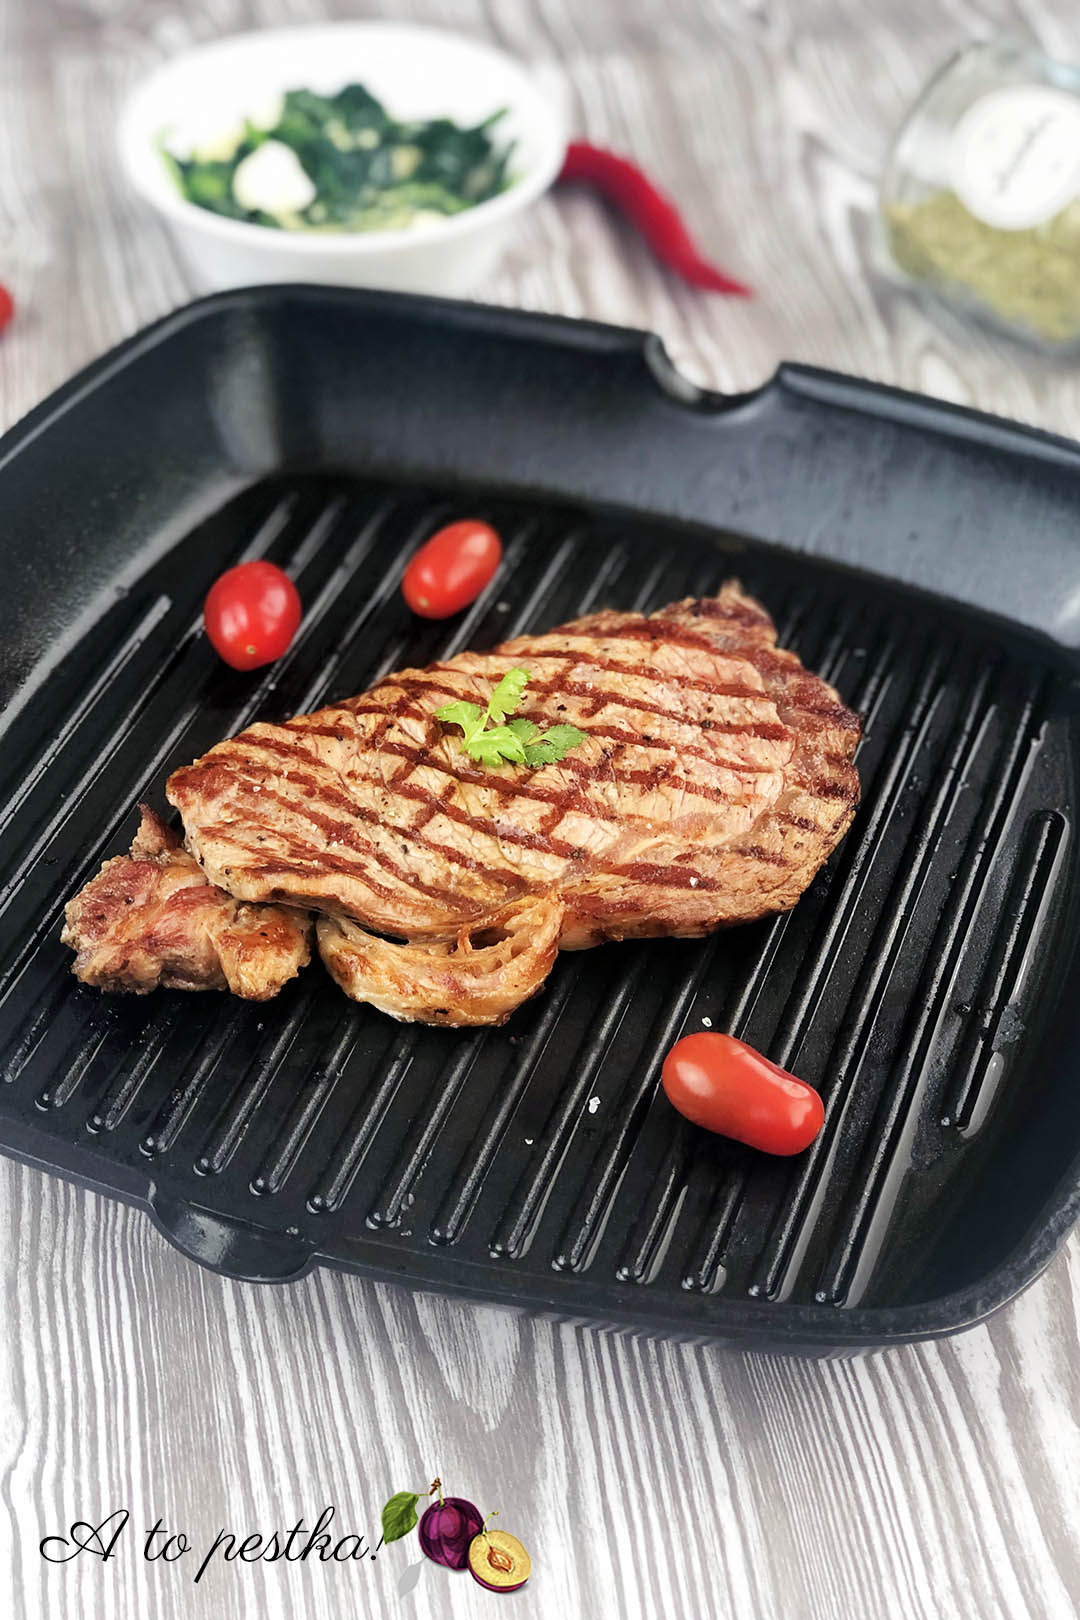 Jak zrobić stek idealny? Zobacz prosty sposób!